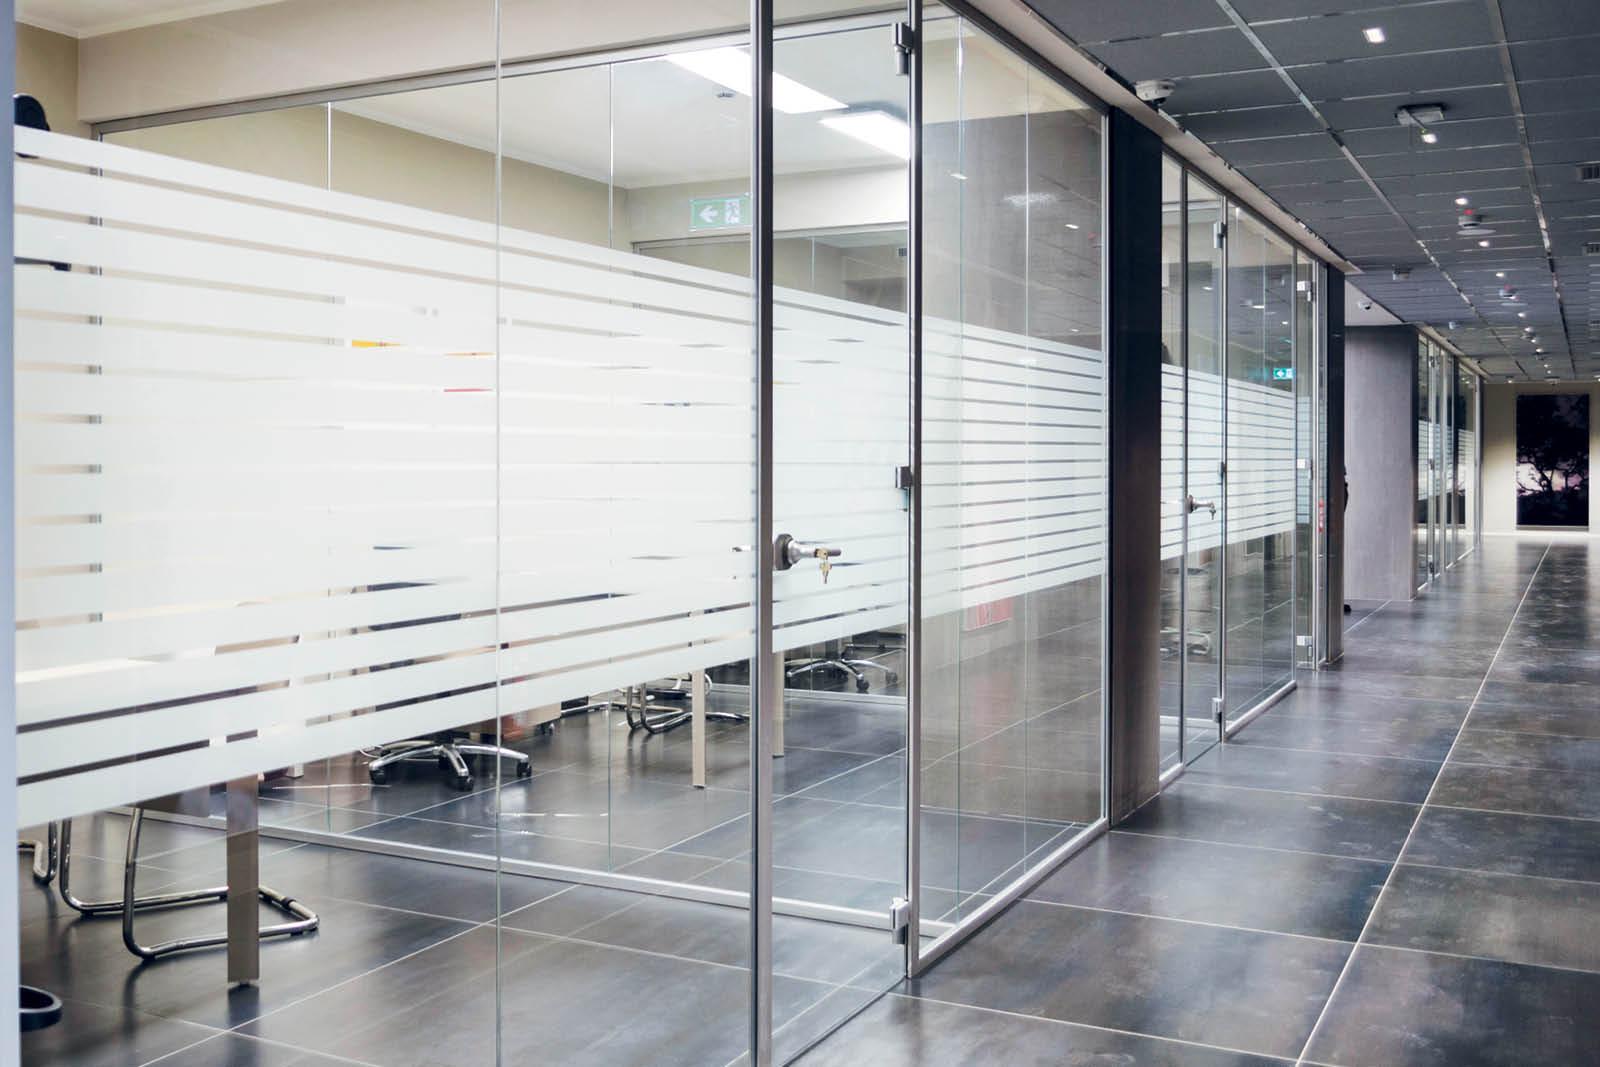 divisori e porte integrate in vetro Spazio - Marano di Napoli